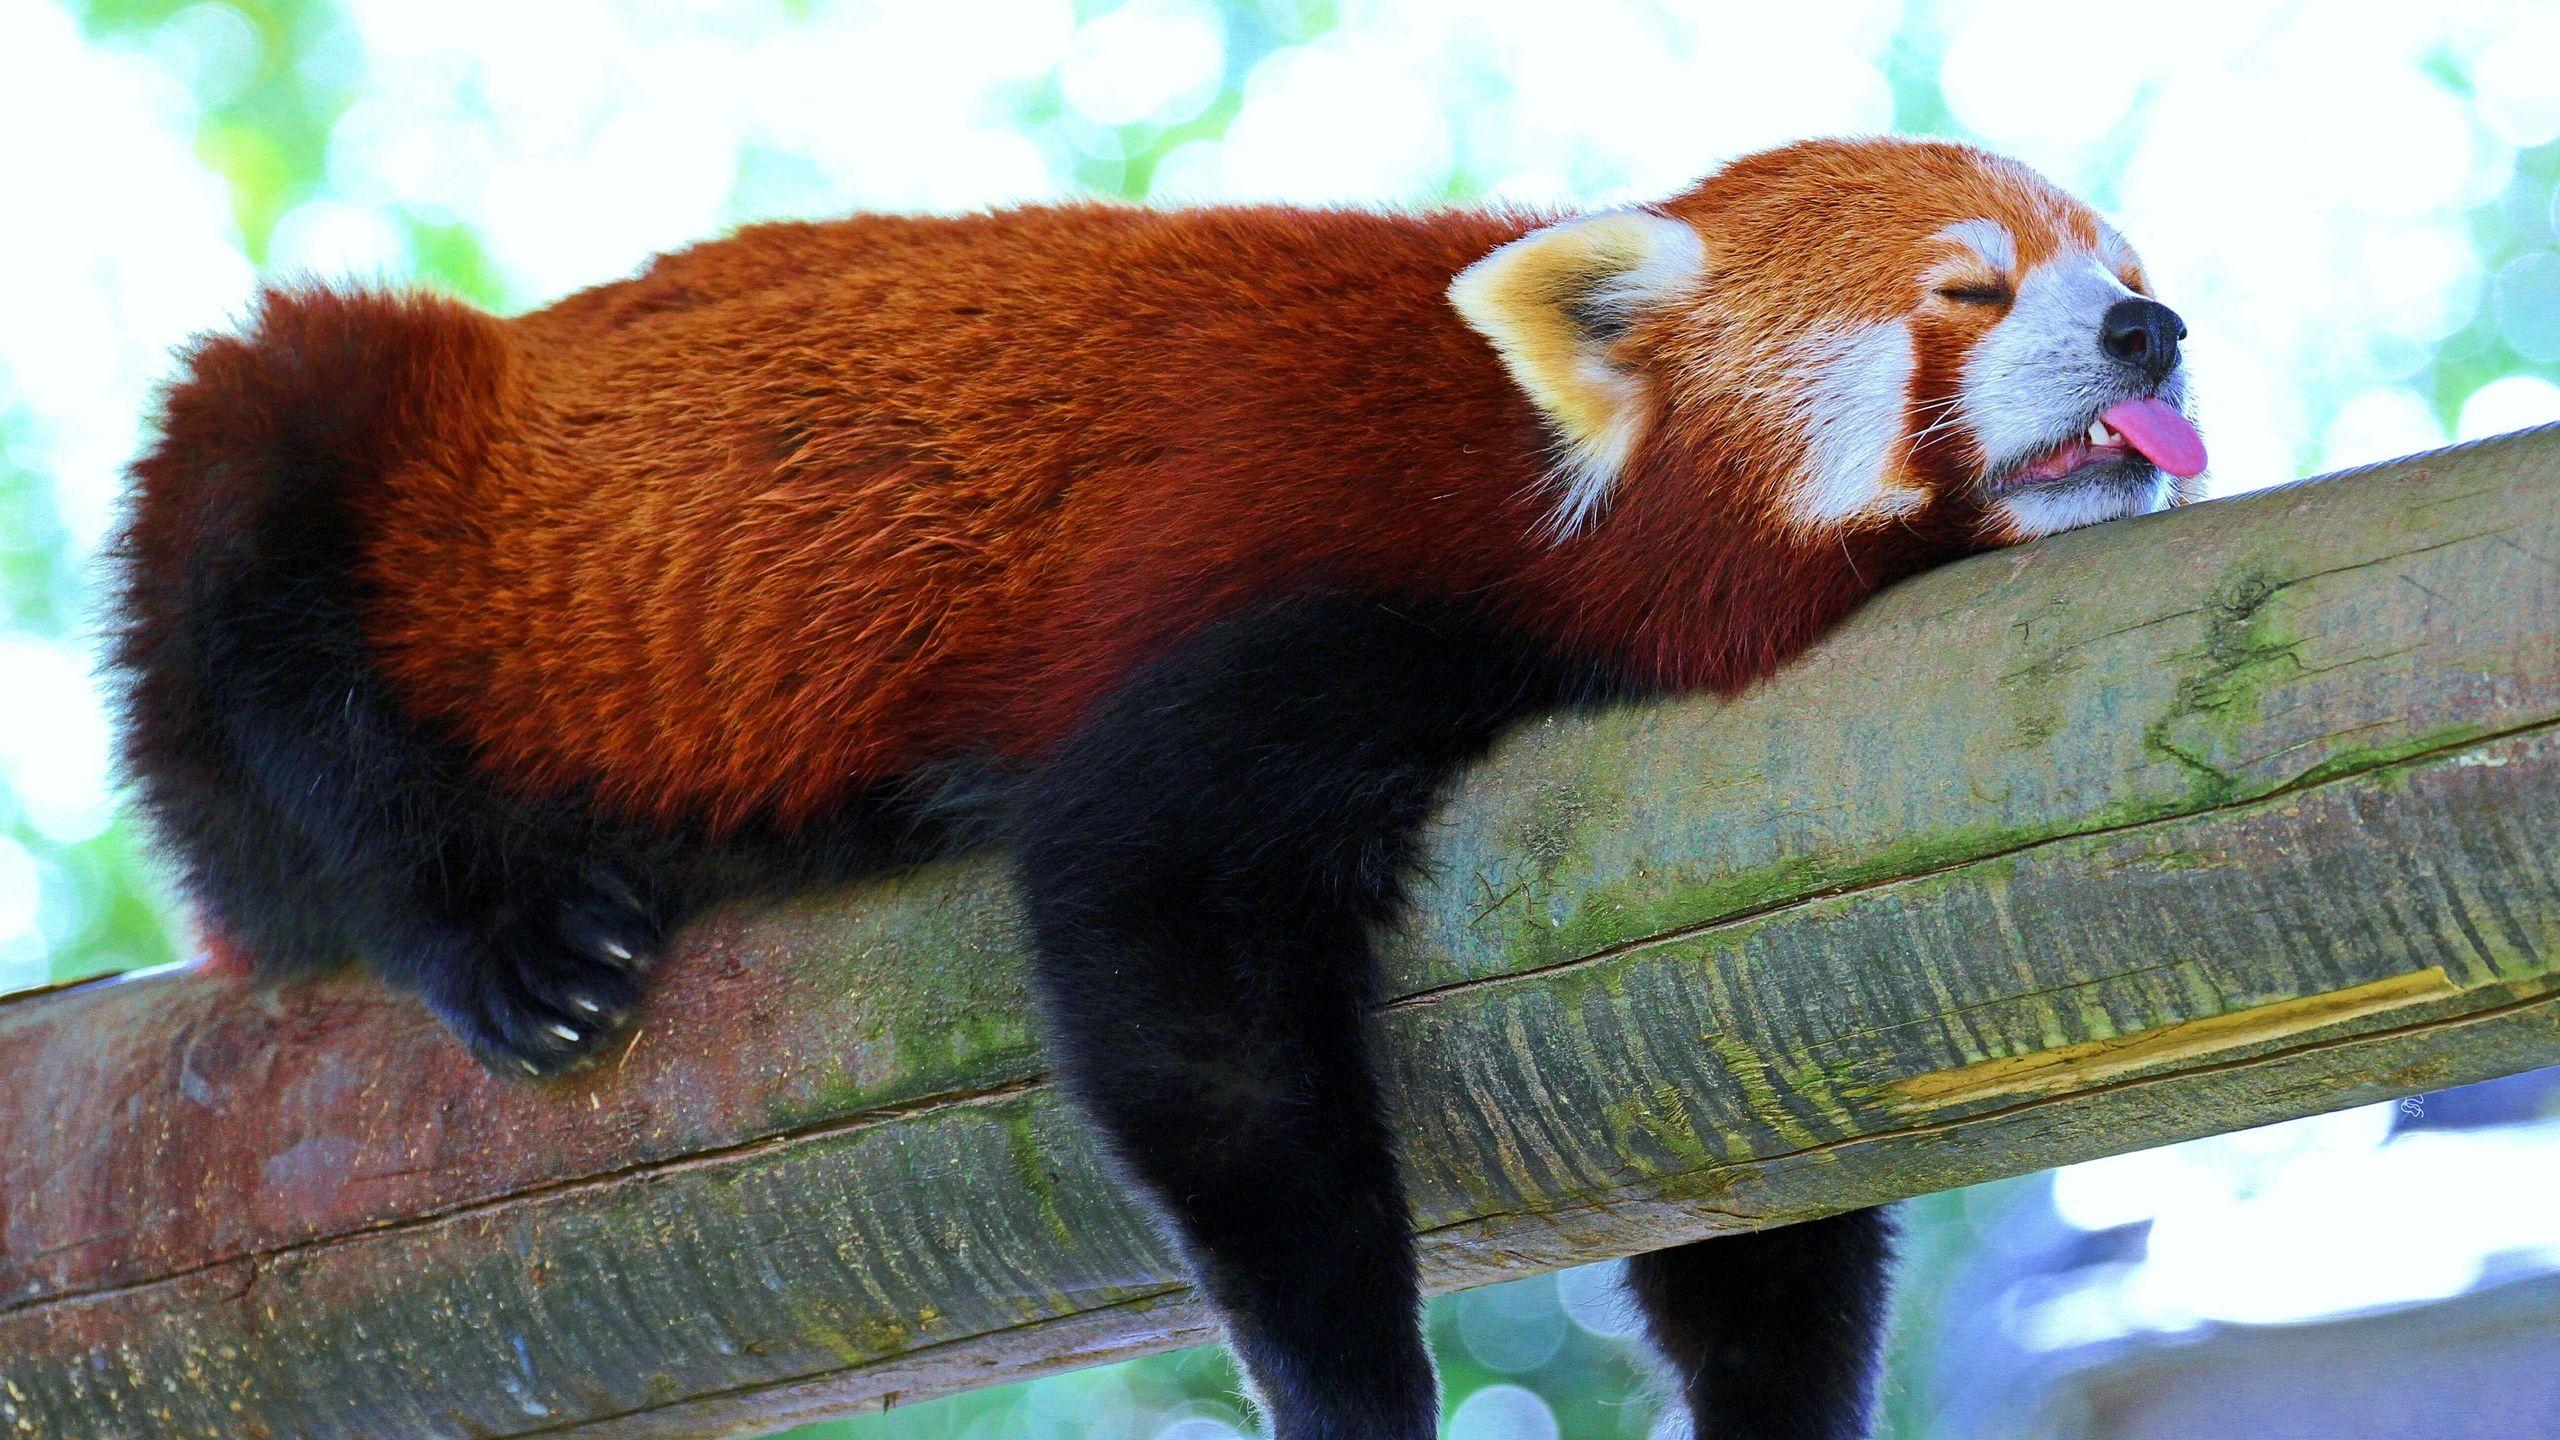 Panda Lesser Panda Red Panda Red Panda Super Cute Animals Panda Wallpapers